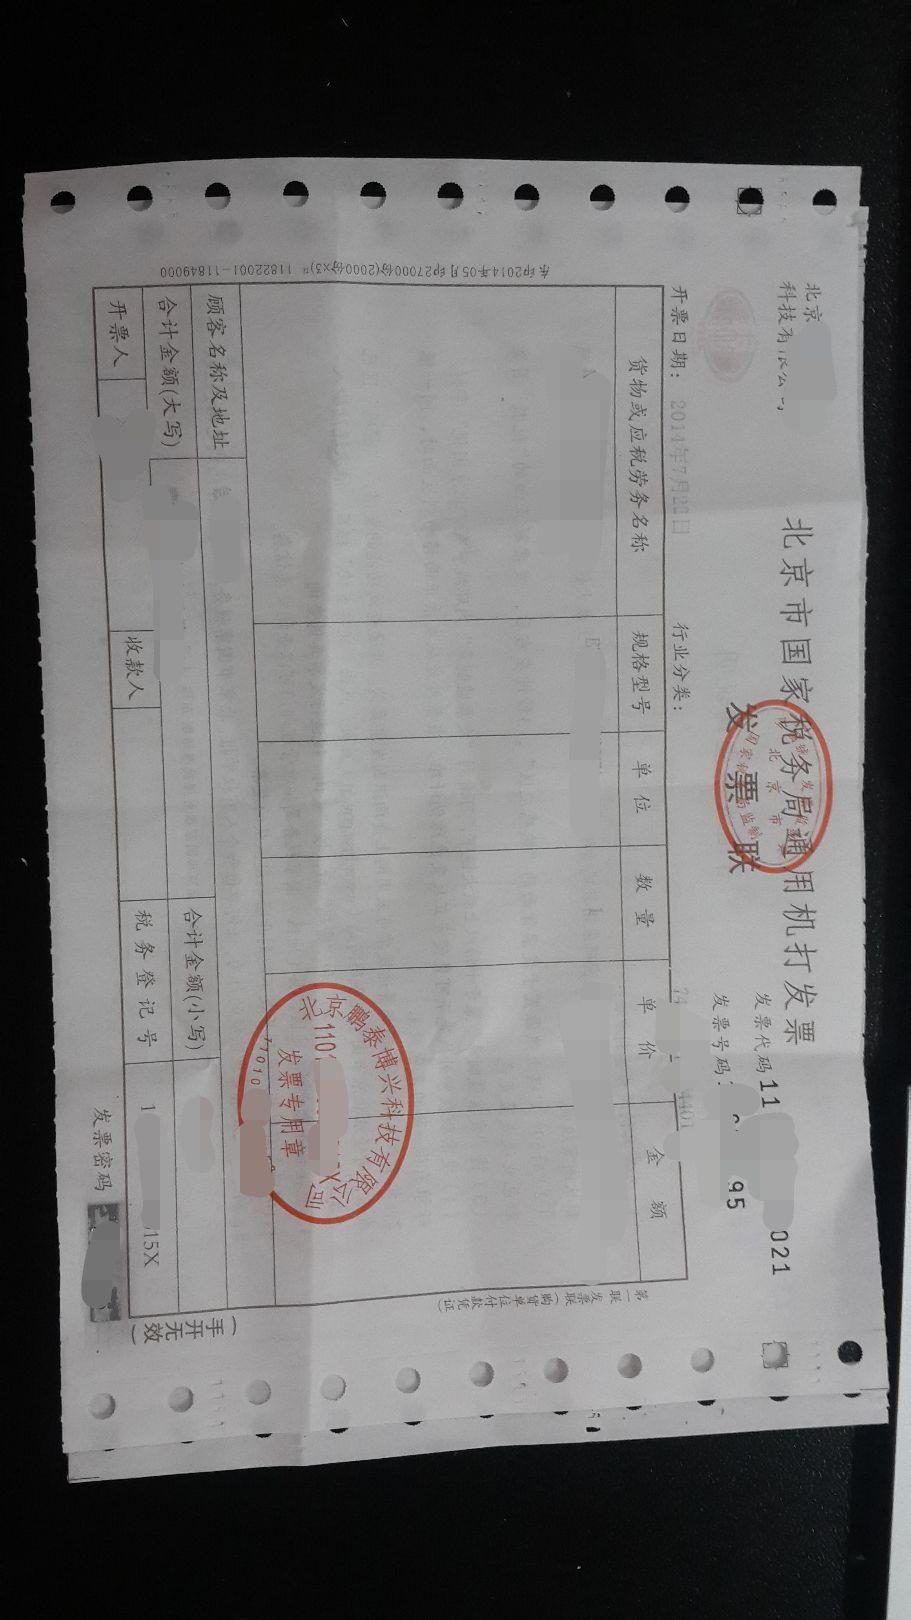 通用机打发票税控码和机器编号在哪里?